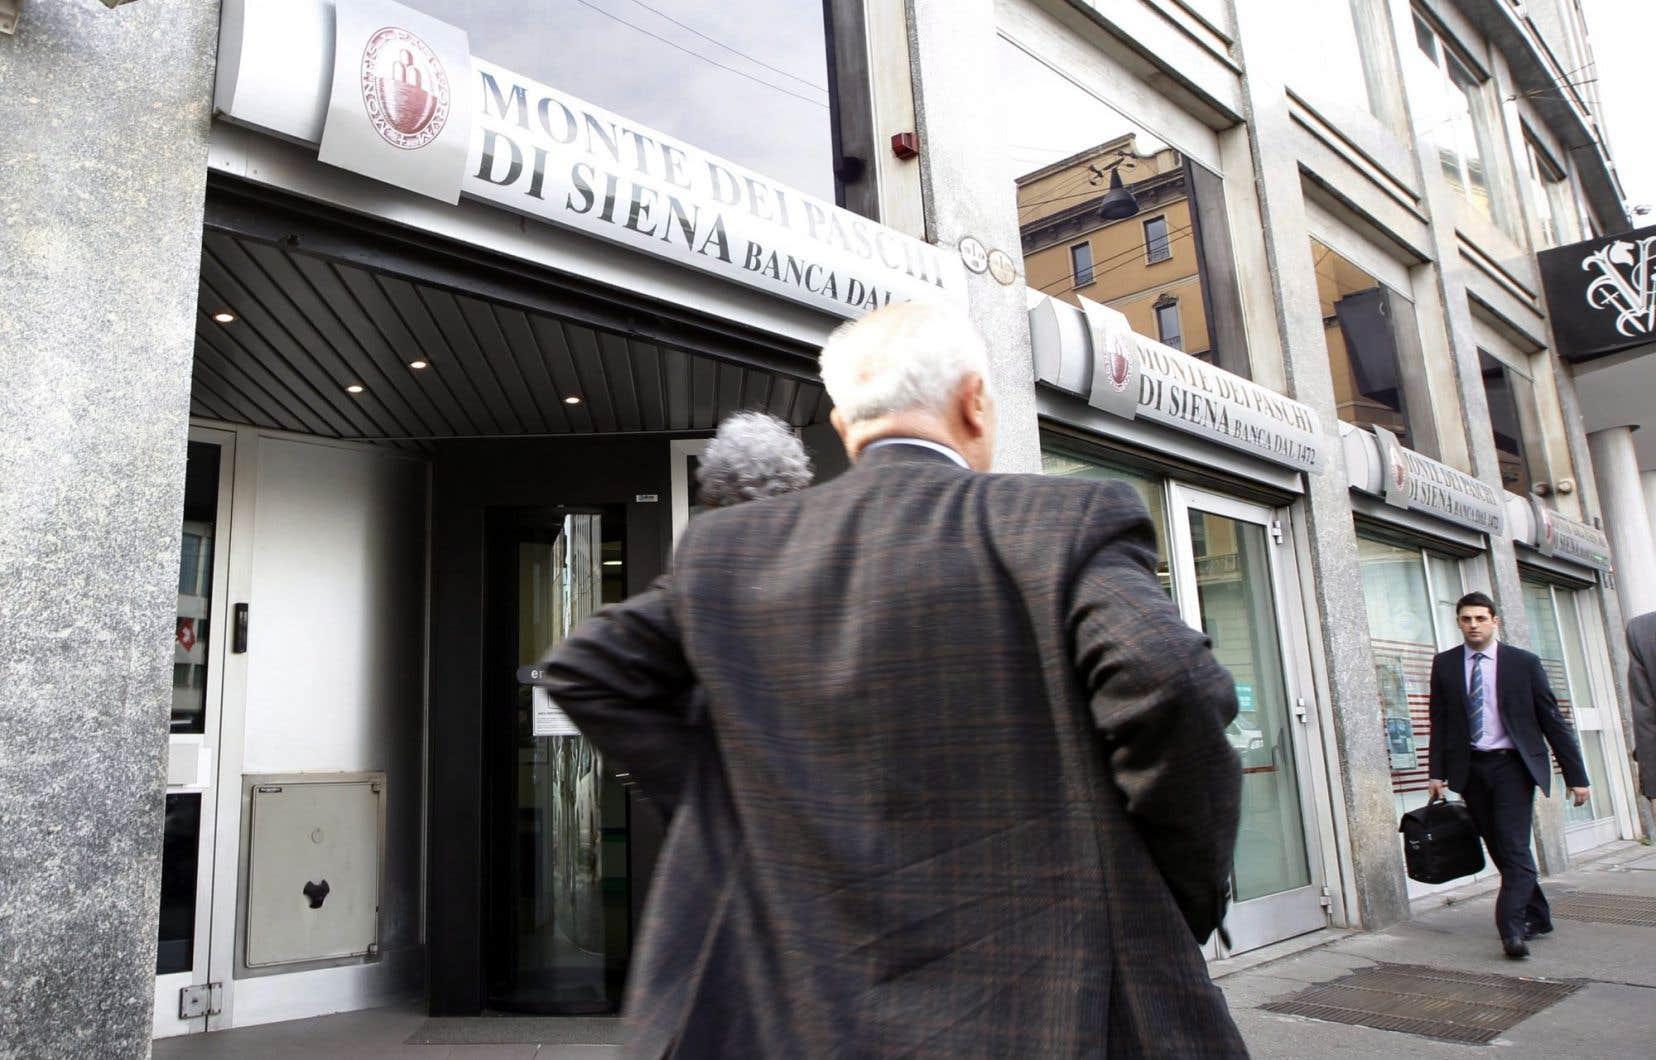 Le dossier explosif de la banque Monte Dei Paschi di Siena revient au premier plan à la suite de la victoire du non.